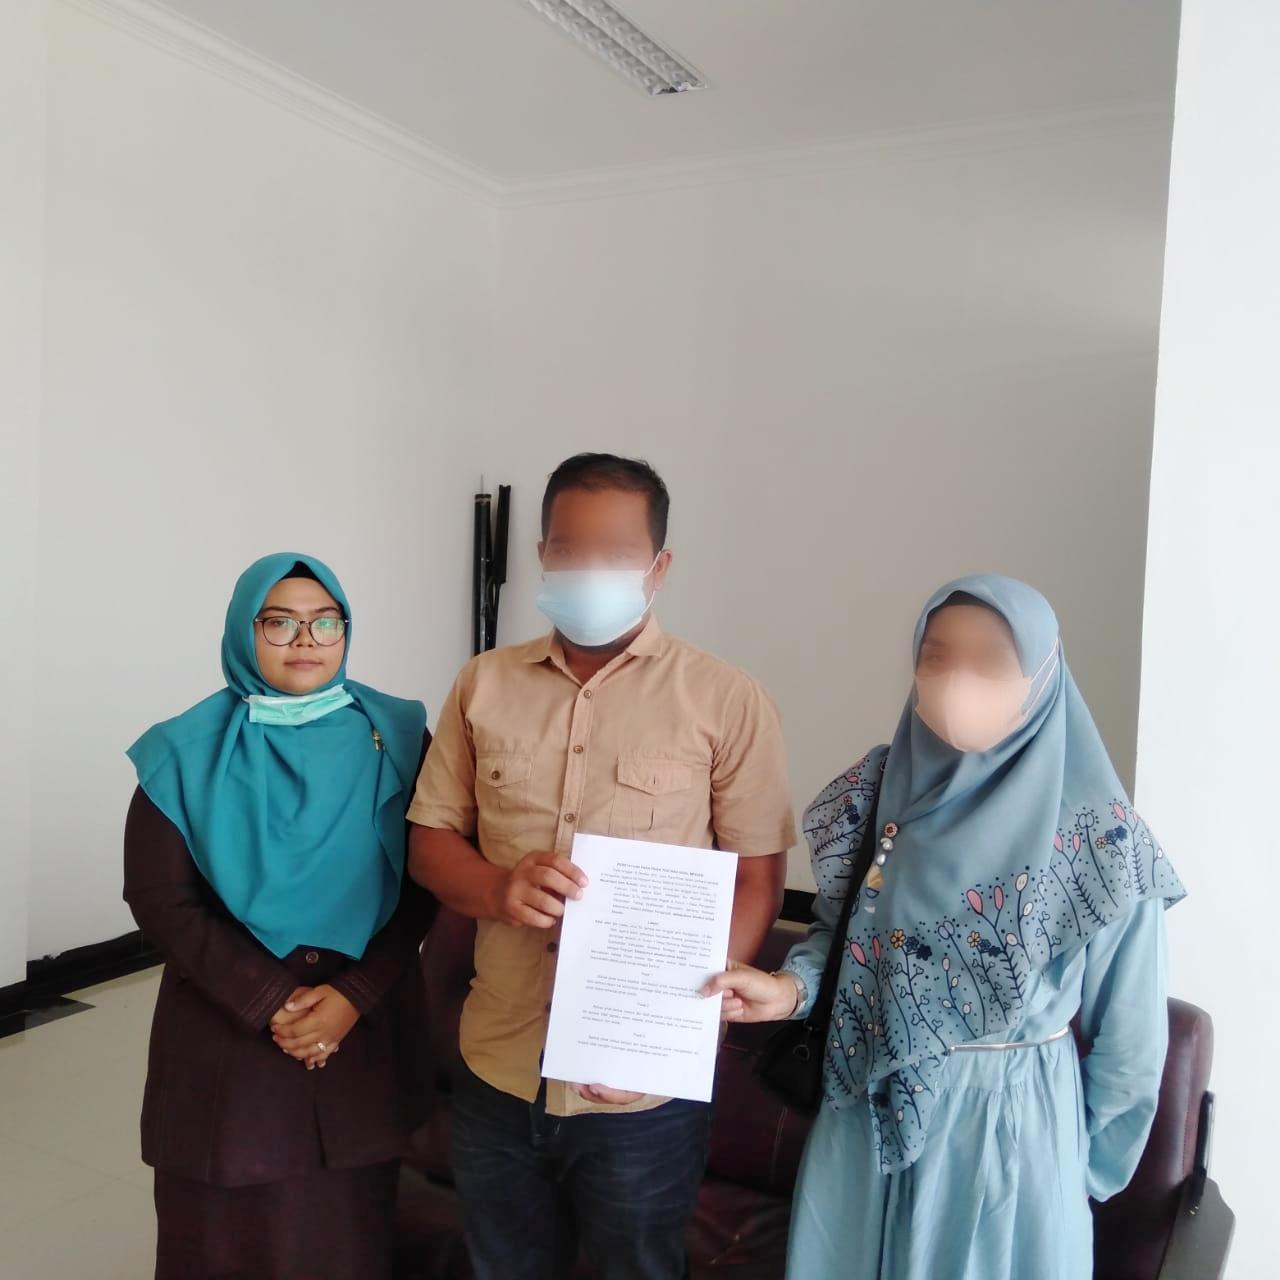 Berhasil, Hakim Mediator Pengadilan Agama Sei Rampah Melaksanakan Mediasi 2 Perkara Cerai Gugat | (25/10)